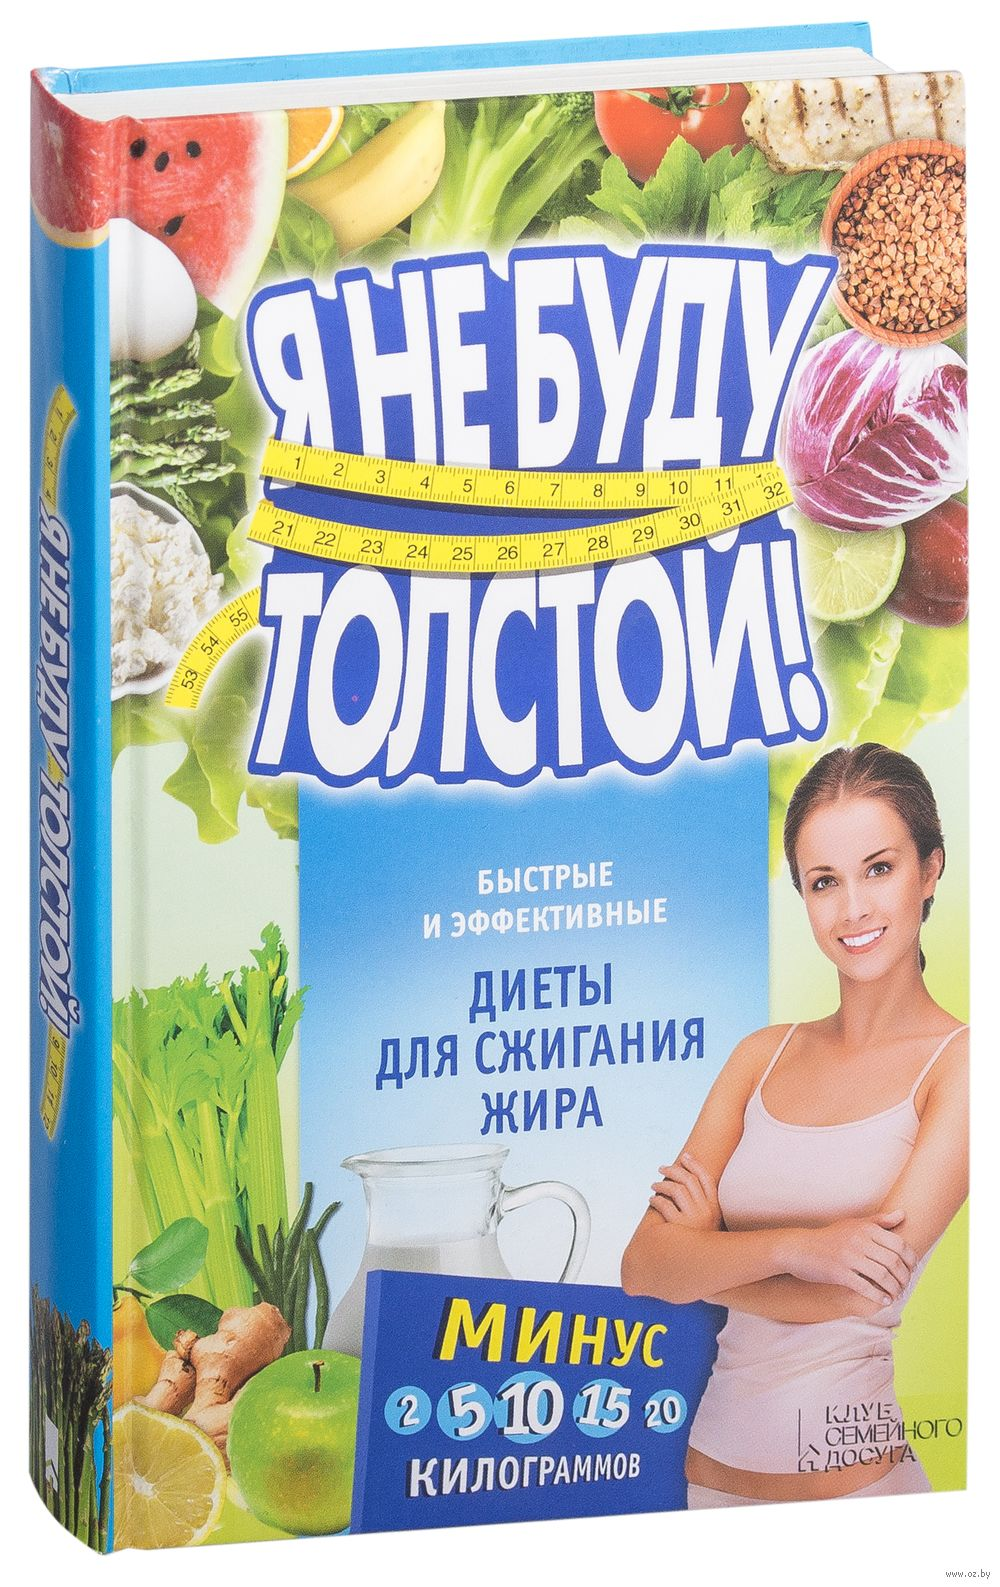 Самые ефективные диеты для похудания